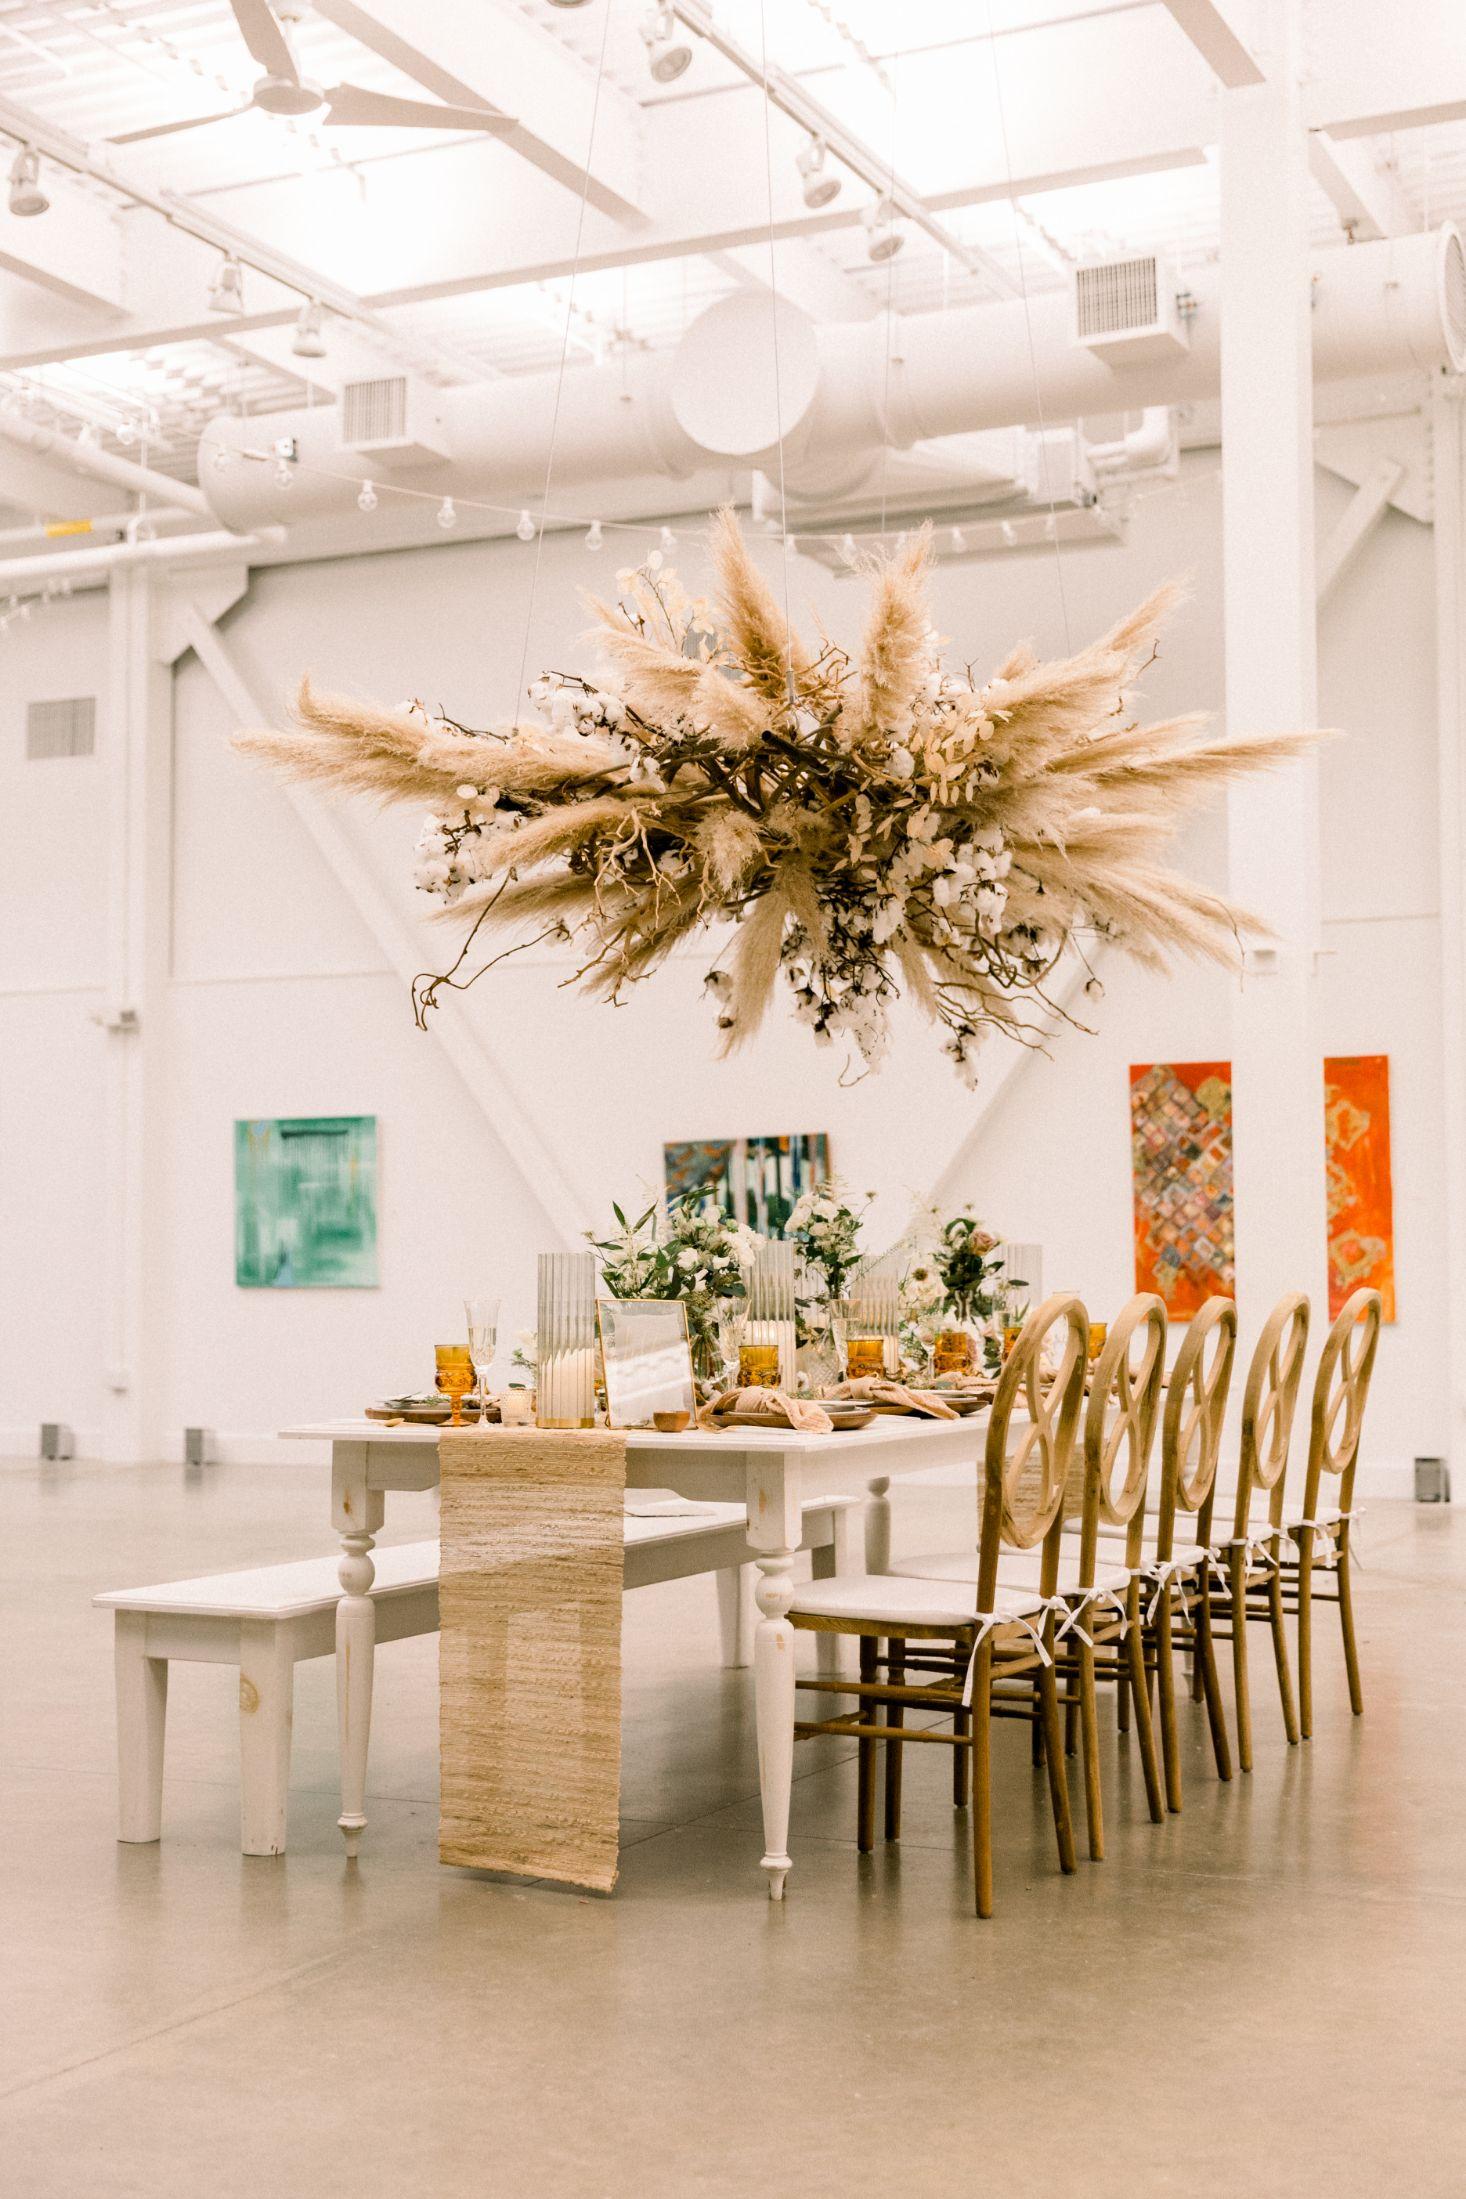 artists-for-humanity-industrial-bohemian-wedding-daylynn-designs209.jpg